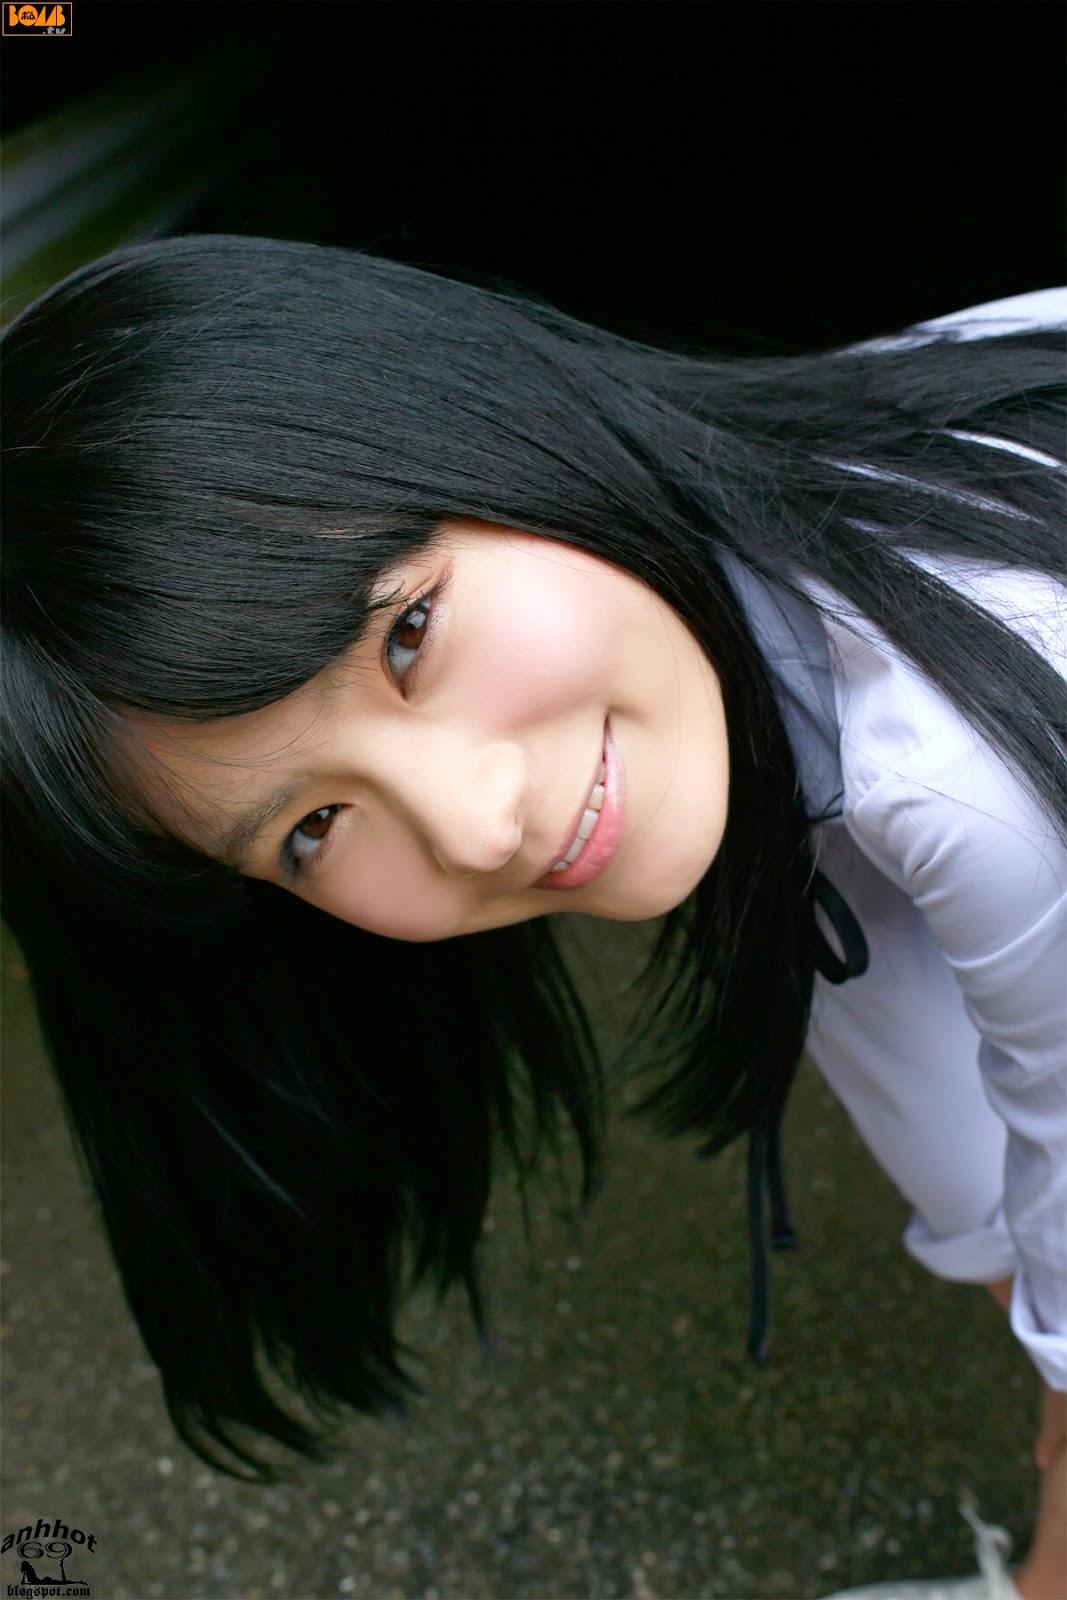 mizuki-hoshina-02127823